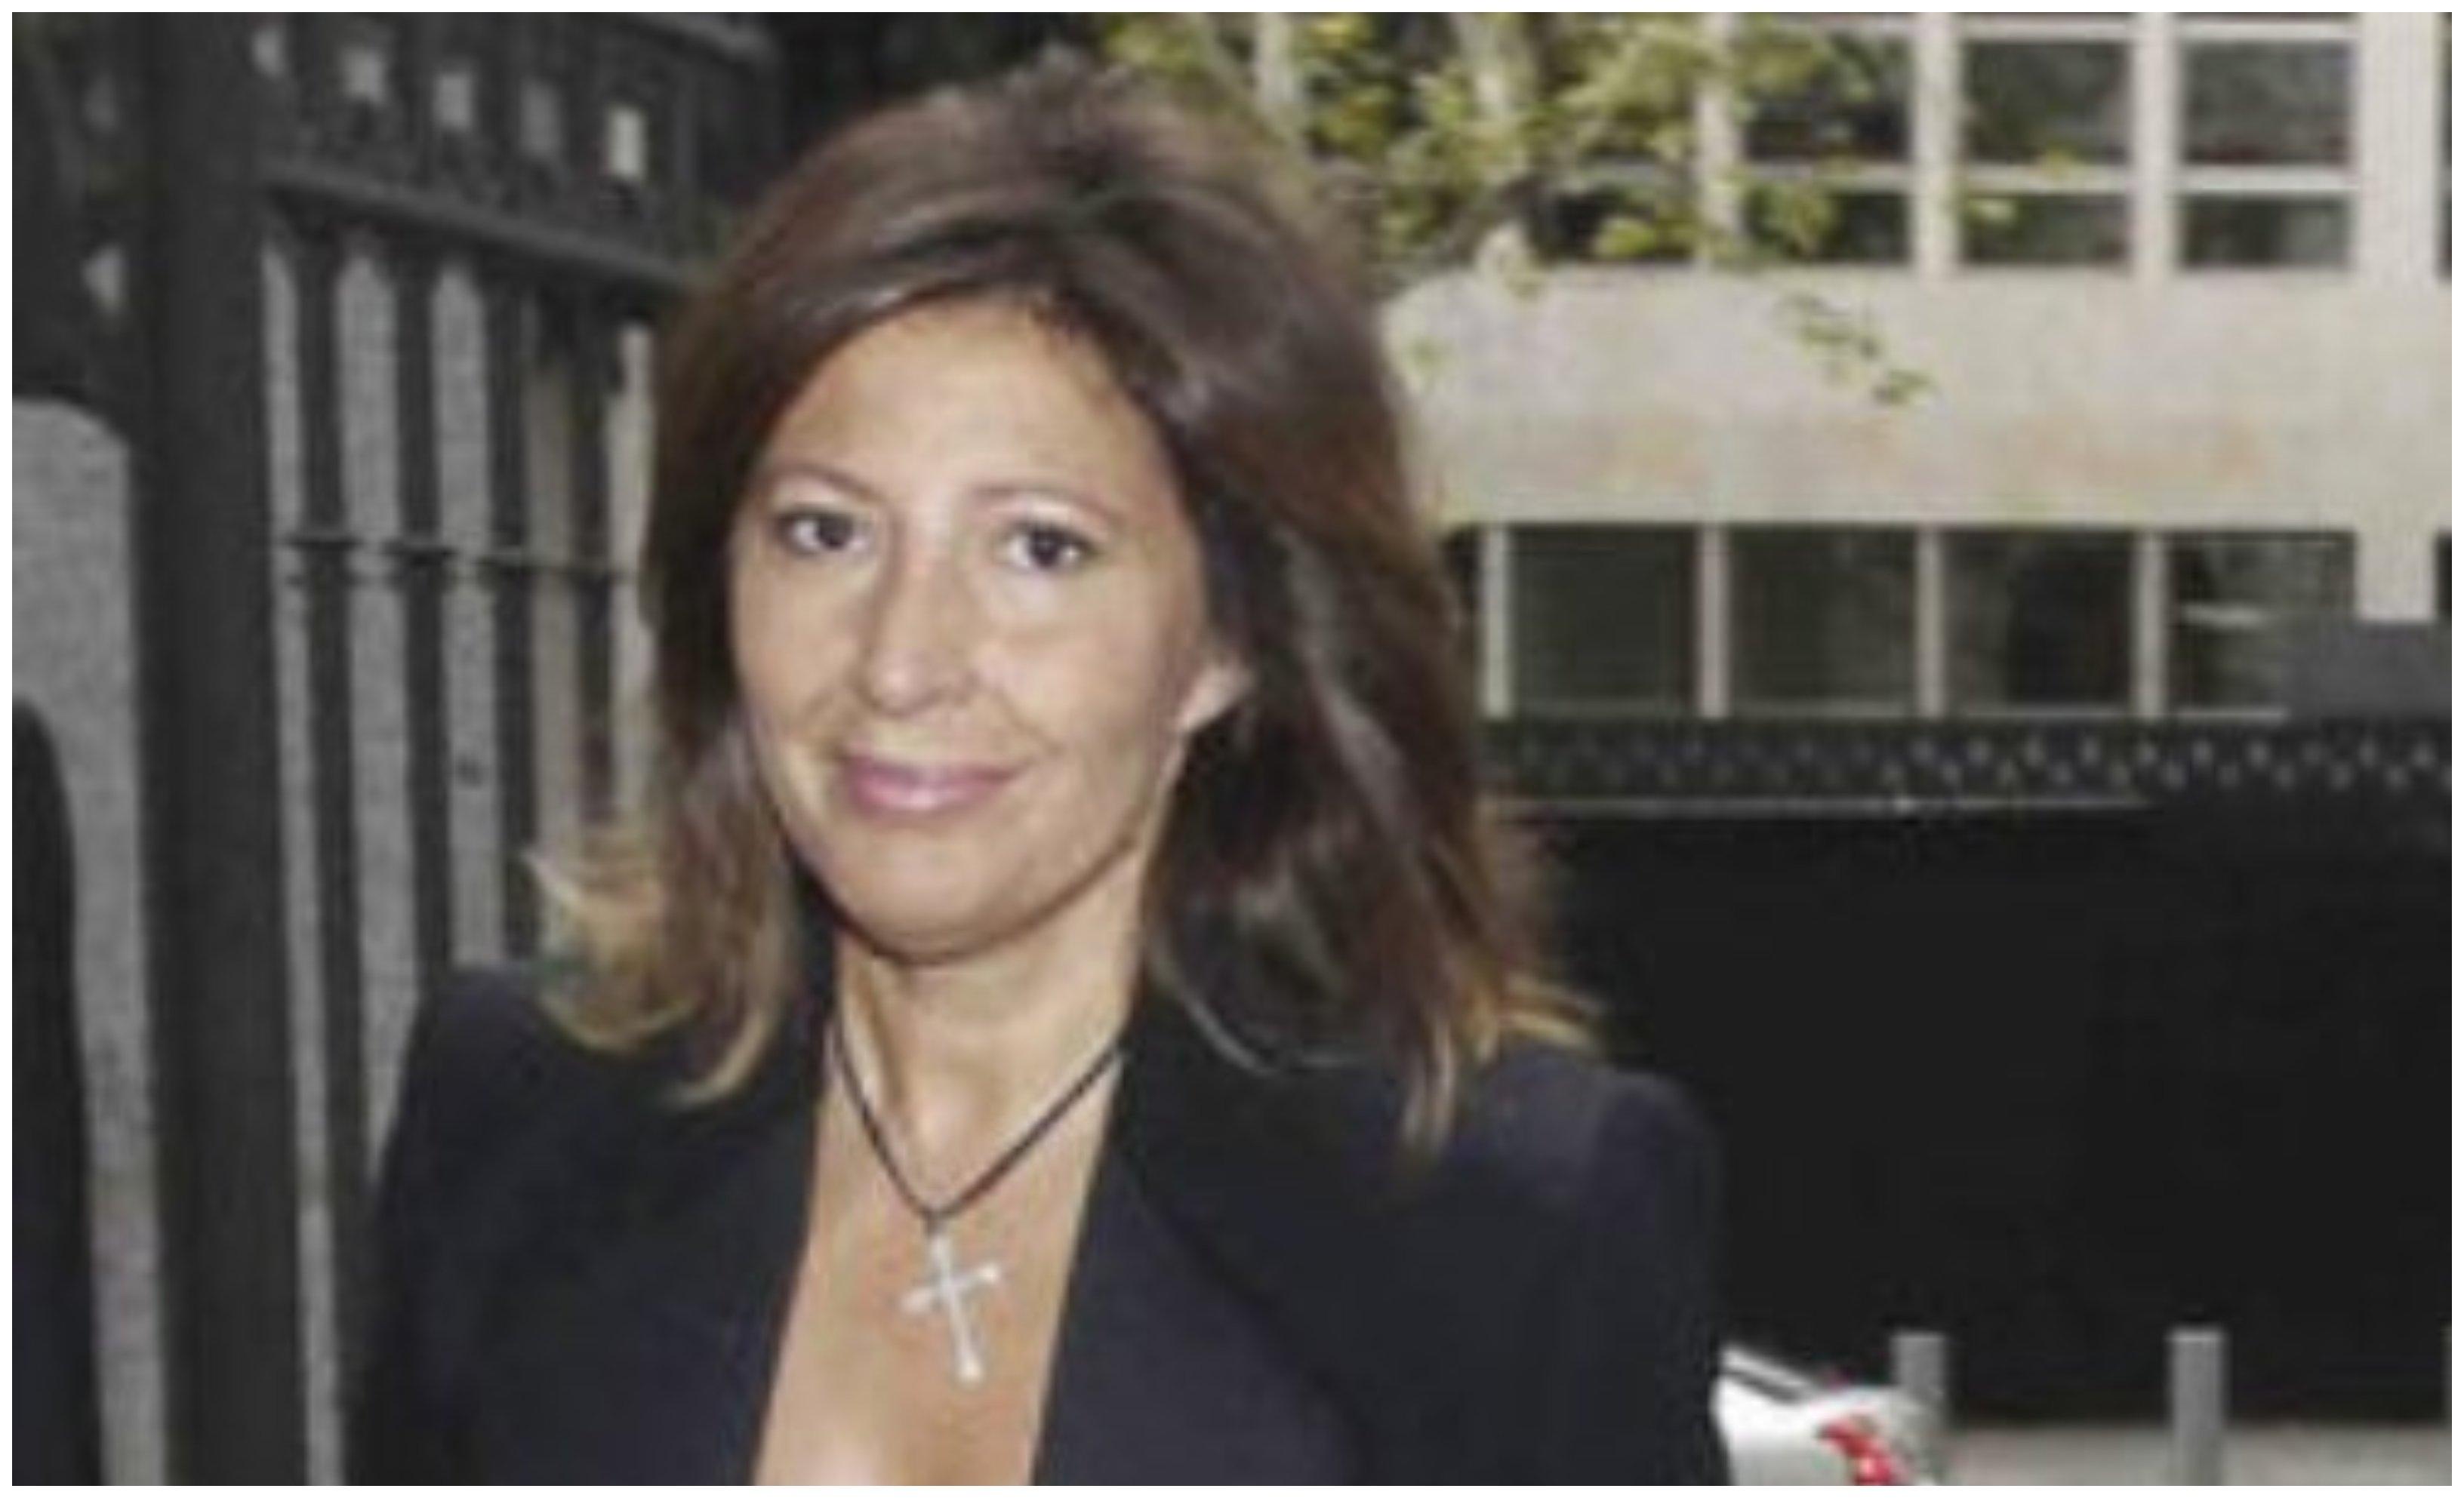 El Corte Inglés. Cuando termine este ejercicio, Cristina Álvarez se convertirá en presidenta de la Fundación